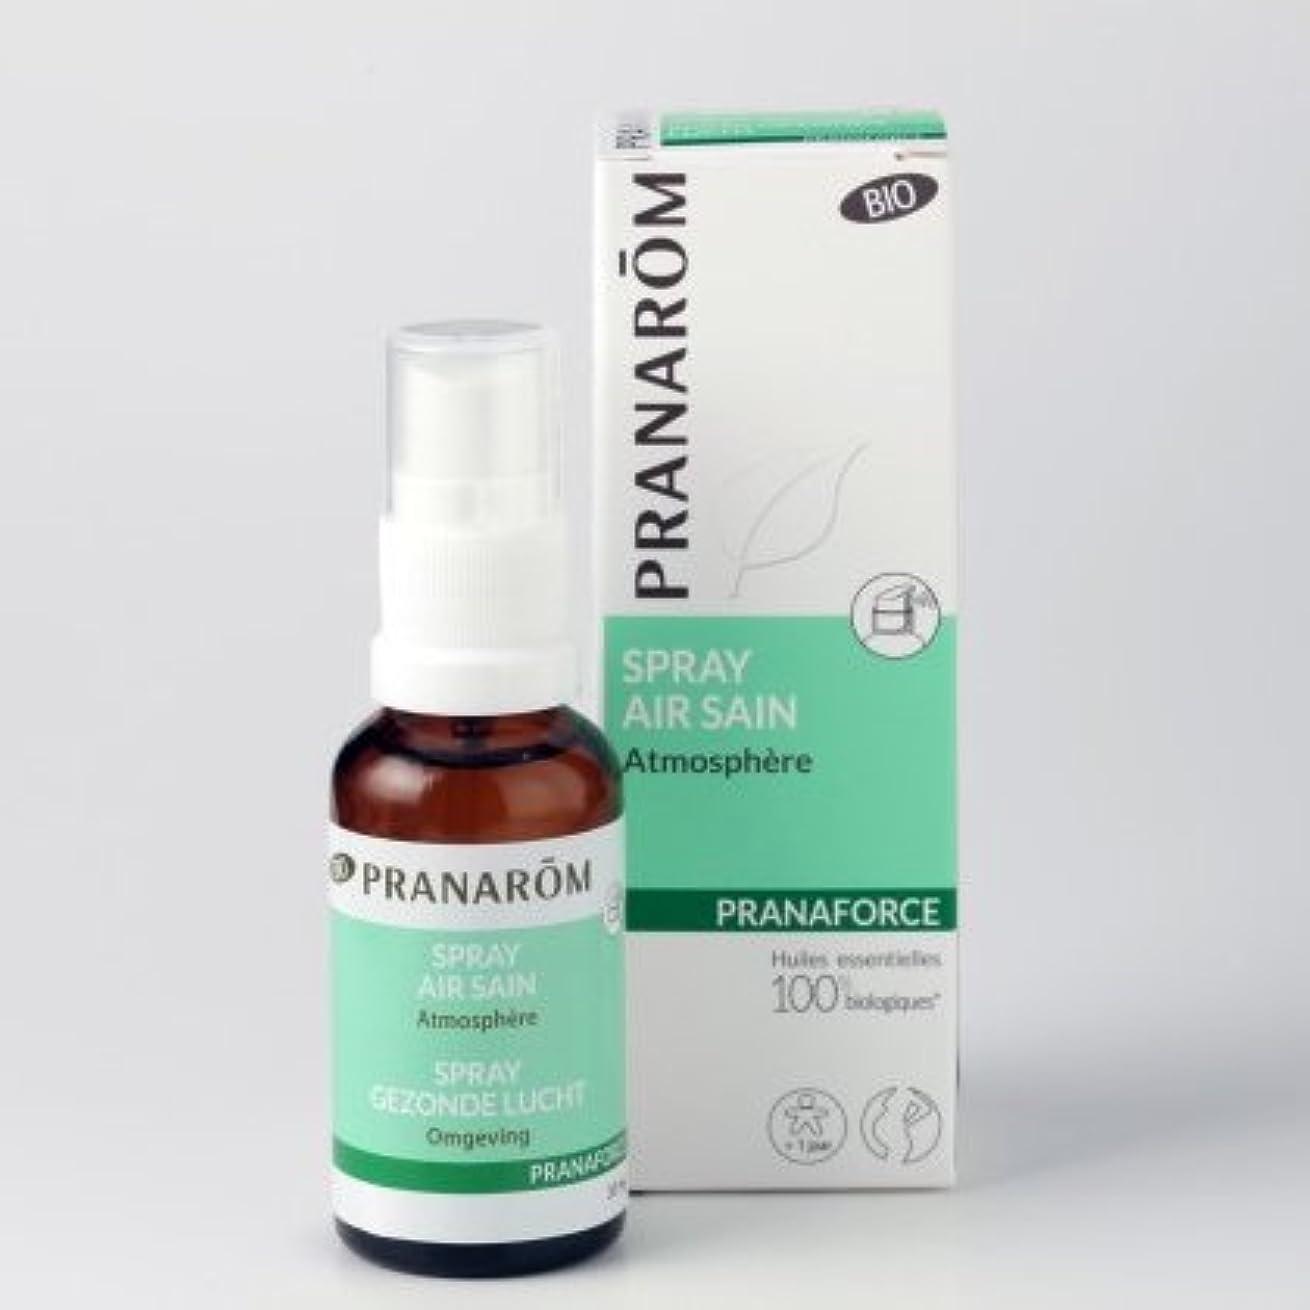 推定要求深いメディカルアロマのプラナロムが作った芳香剤 プラナフォーススプレー